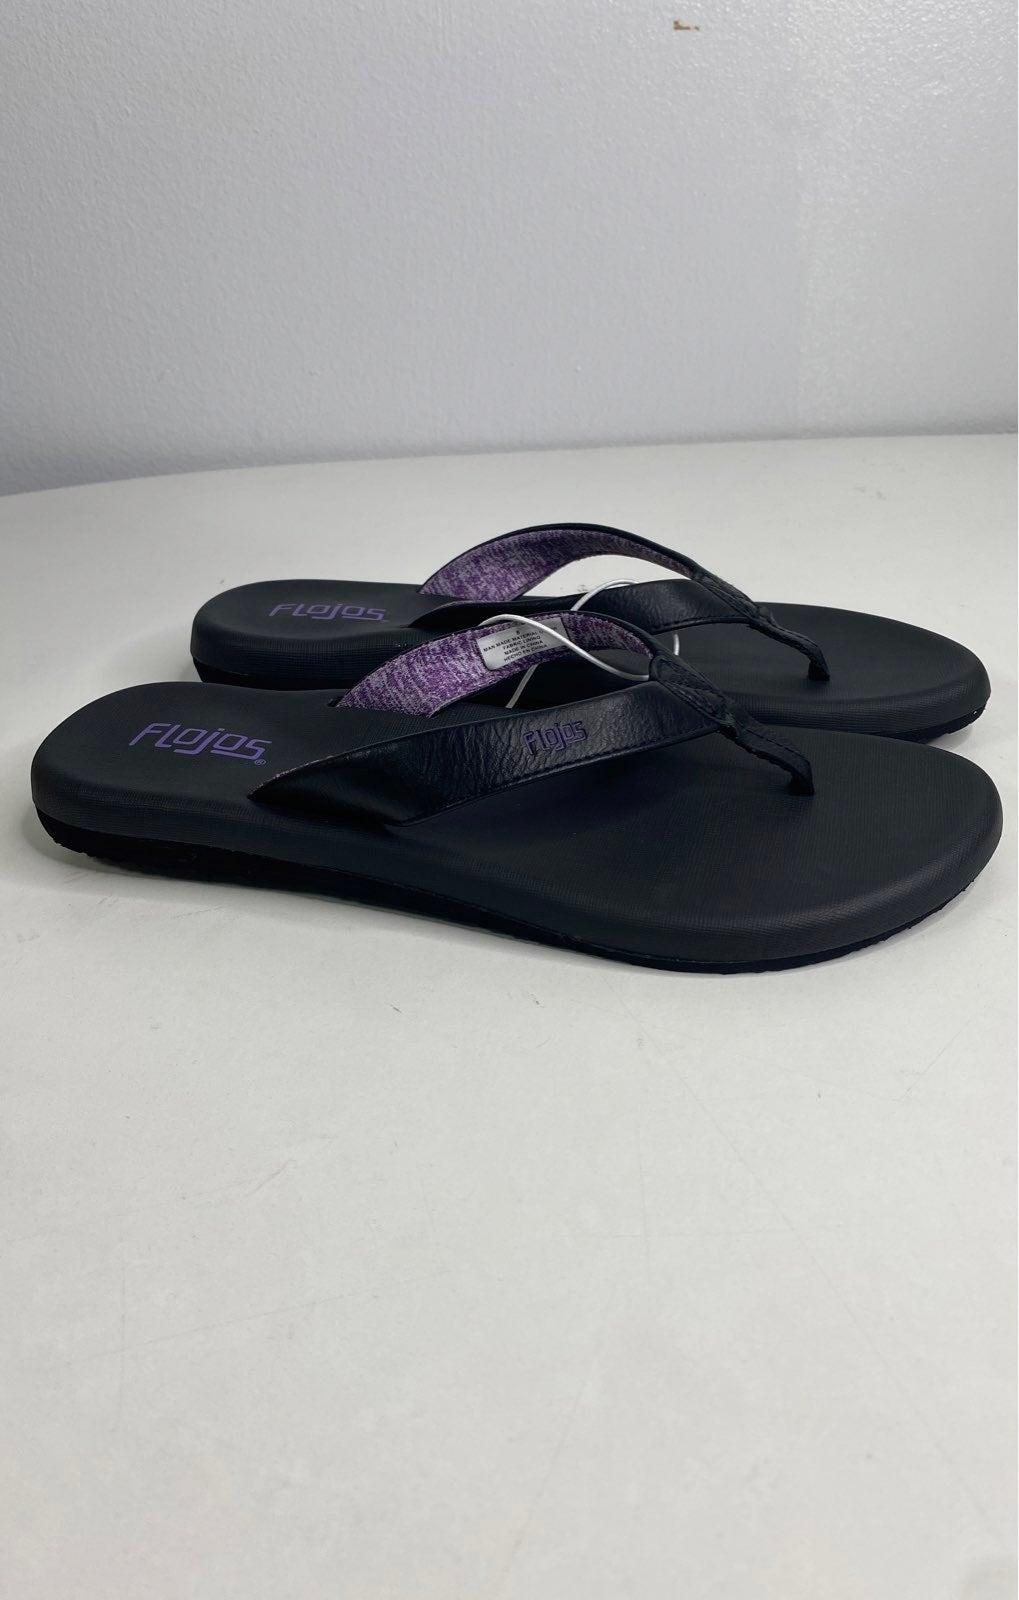 Flojos womens sandals 8